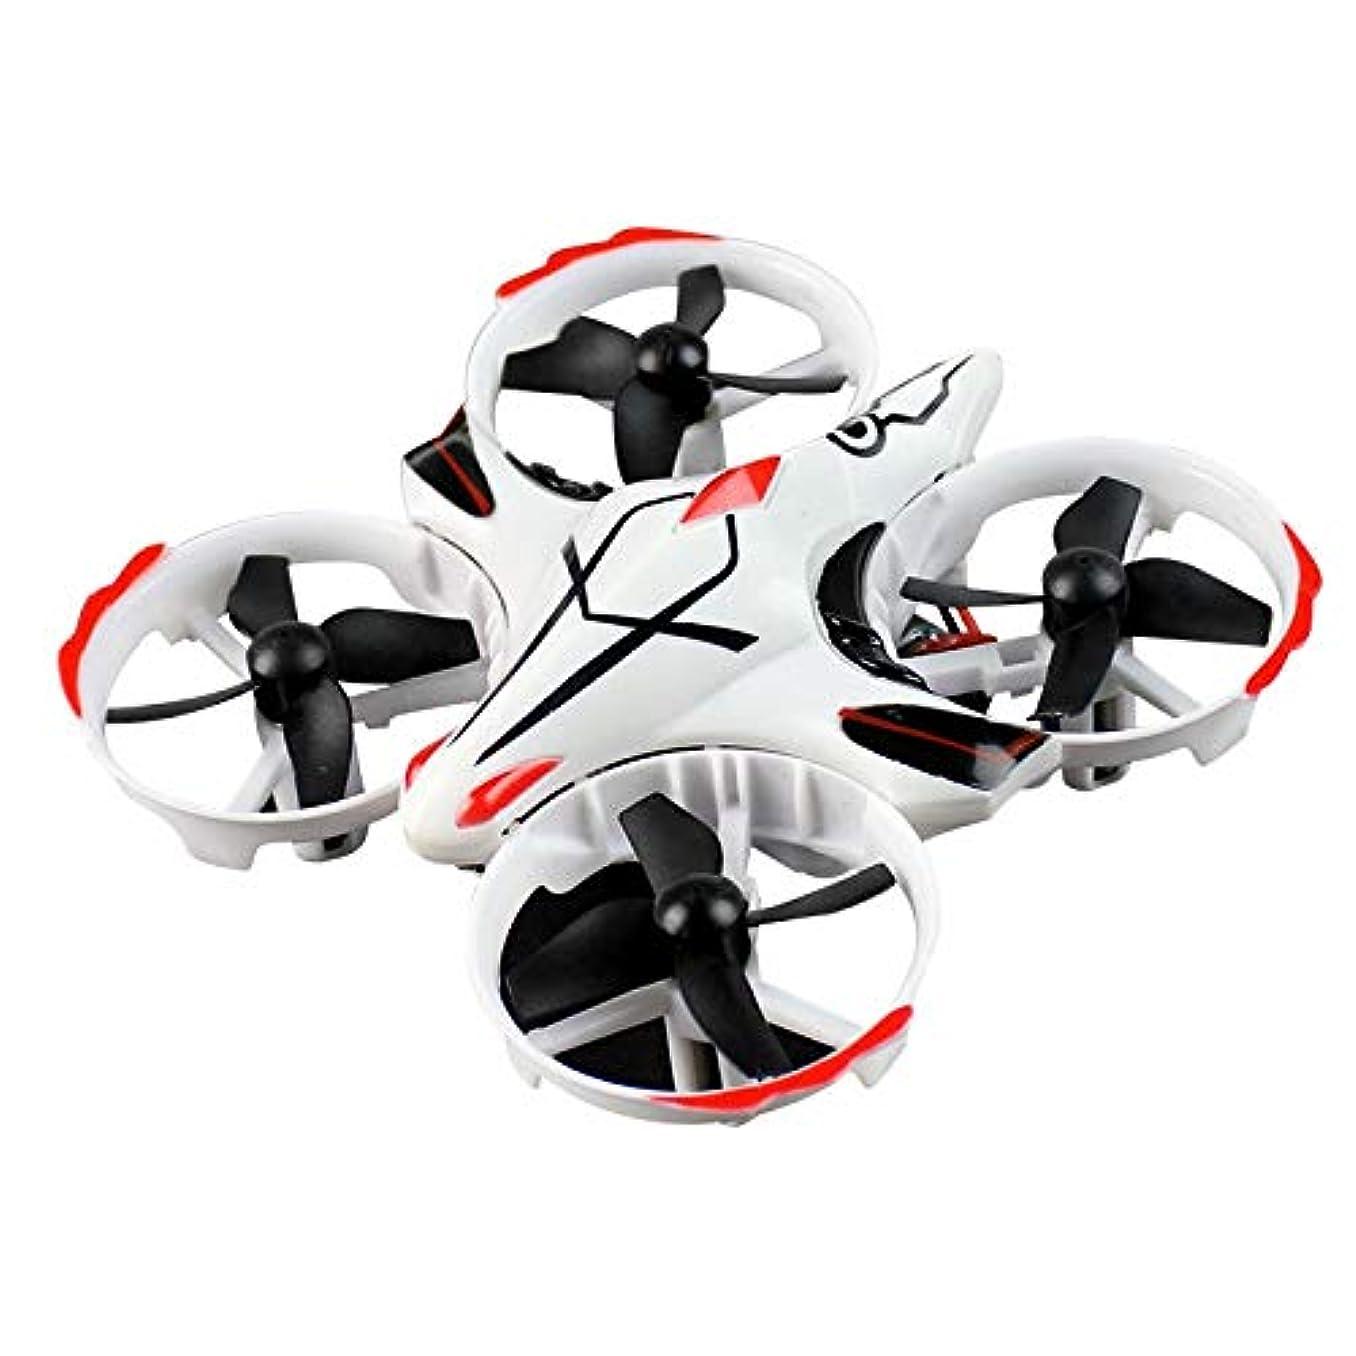 学士大西洋専門子供、白のための送信機の赤外線センサーの空気圧の高い把握モードRCヘリコプターのおもちゃが付いている小型無人機